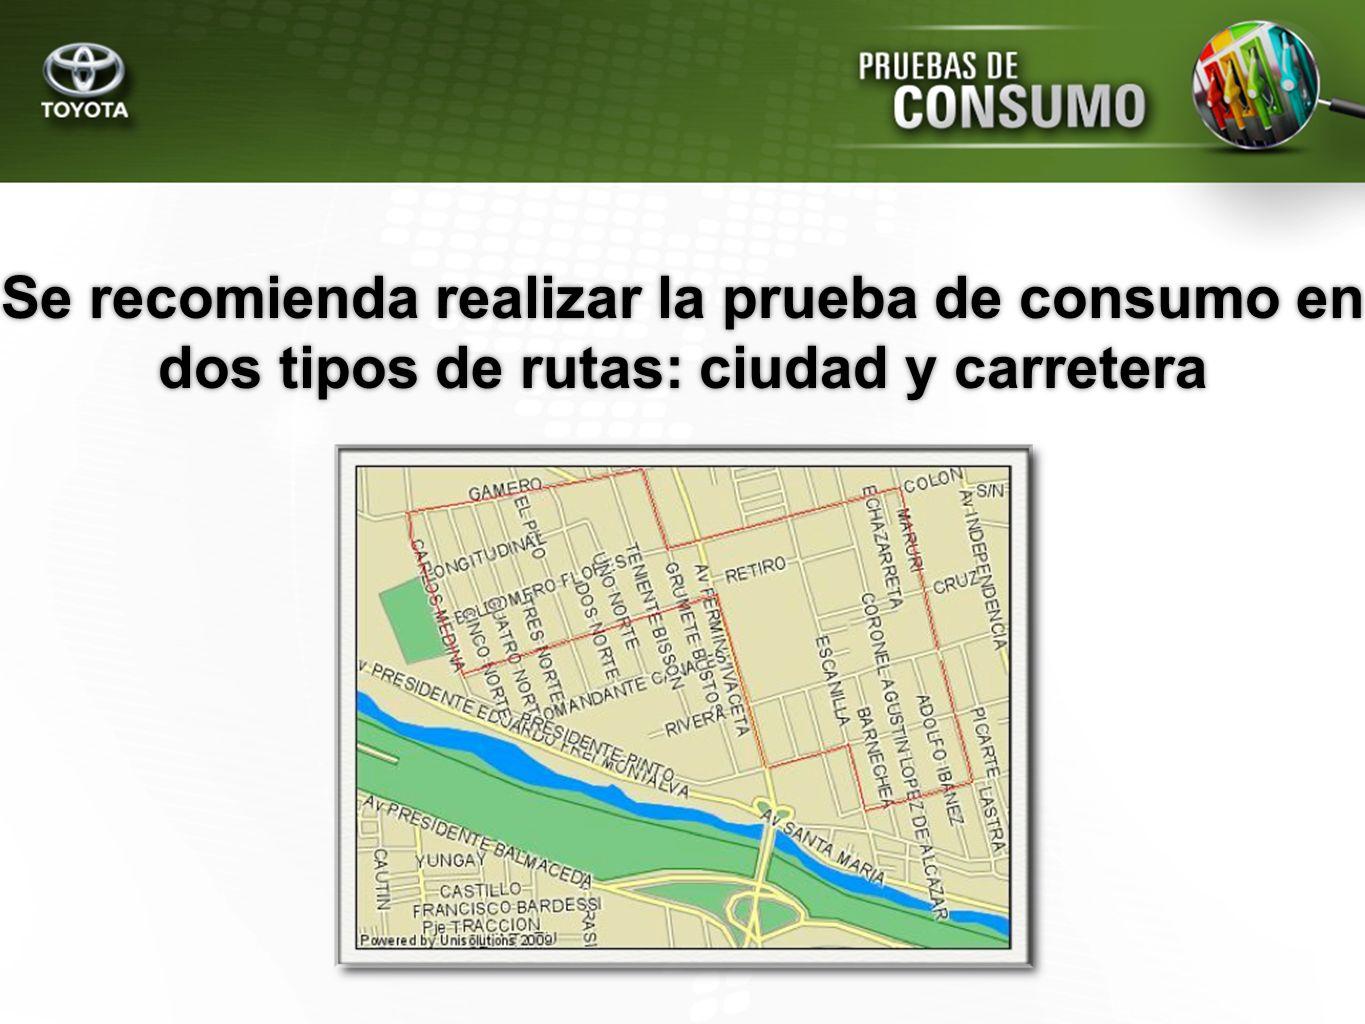 Se recomienda realizar la prueba de consumo en dos tipos de rutas: ciudad y carretera